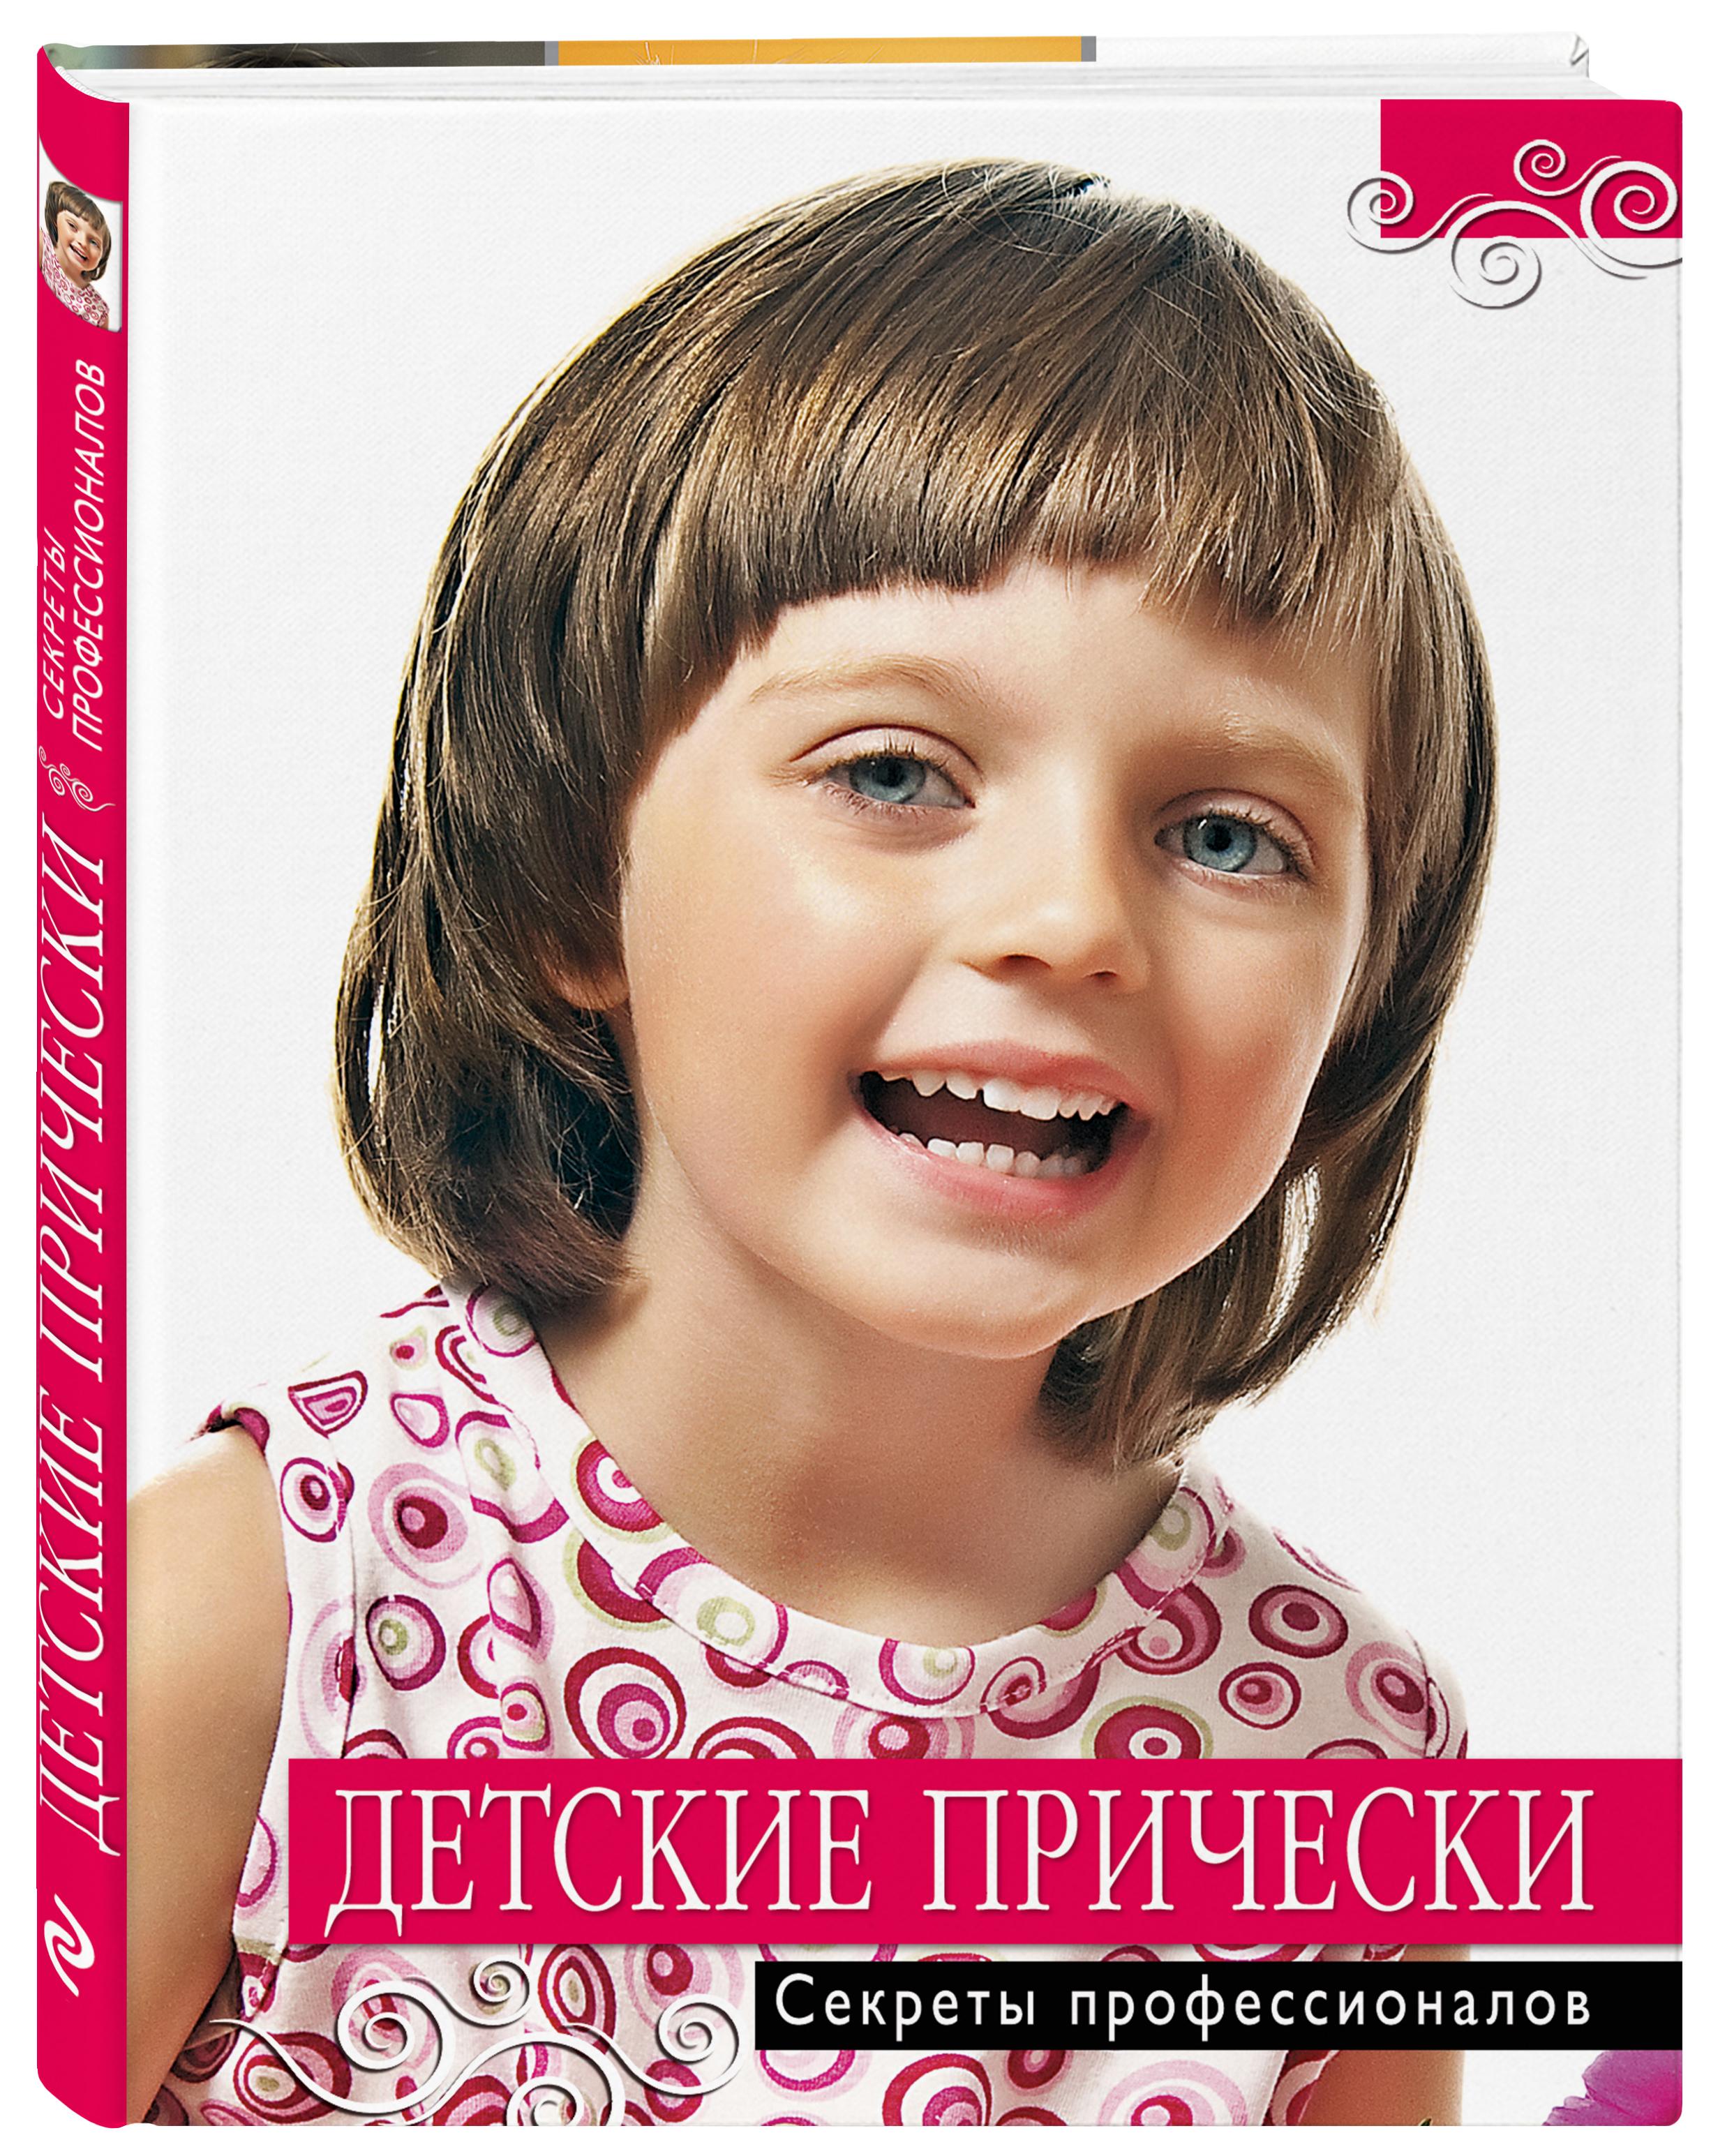 Детские прически. Секреты профессионалов